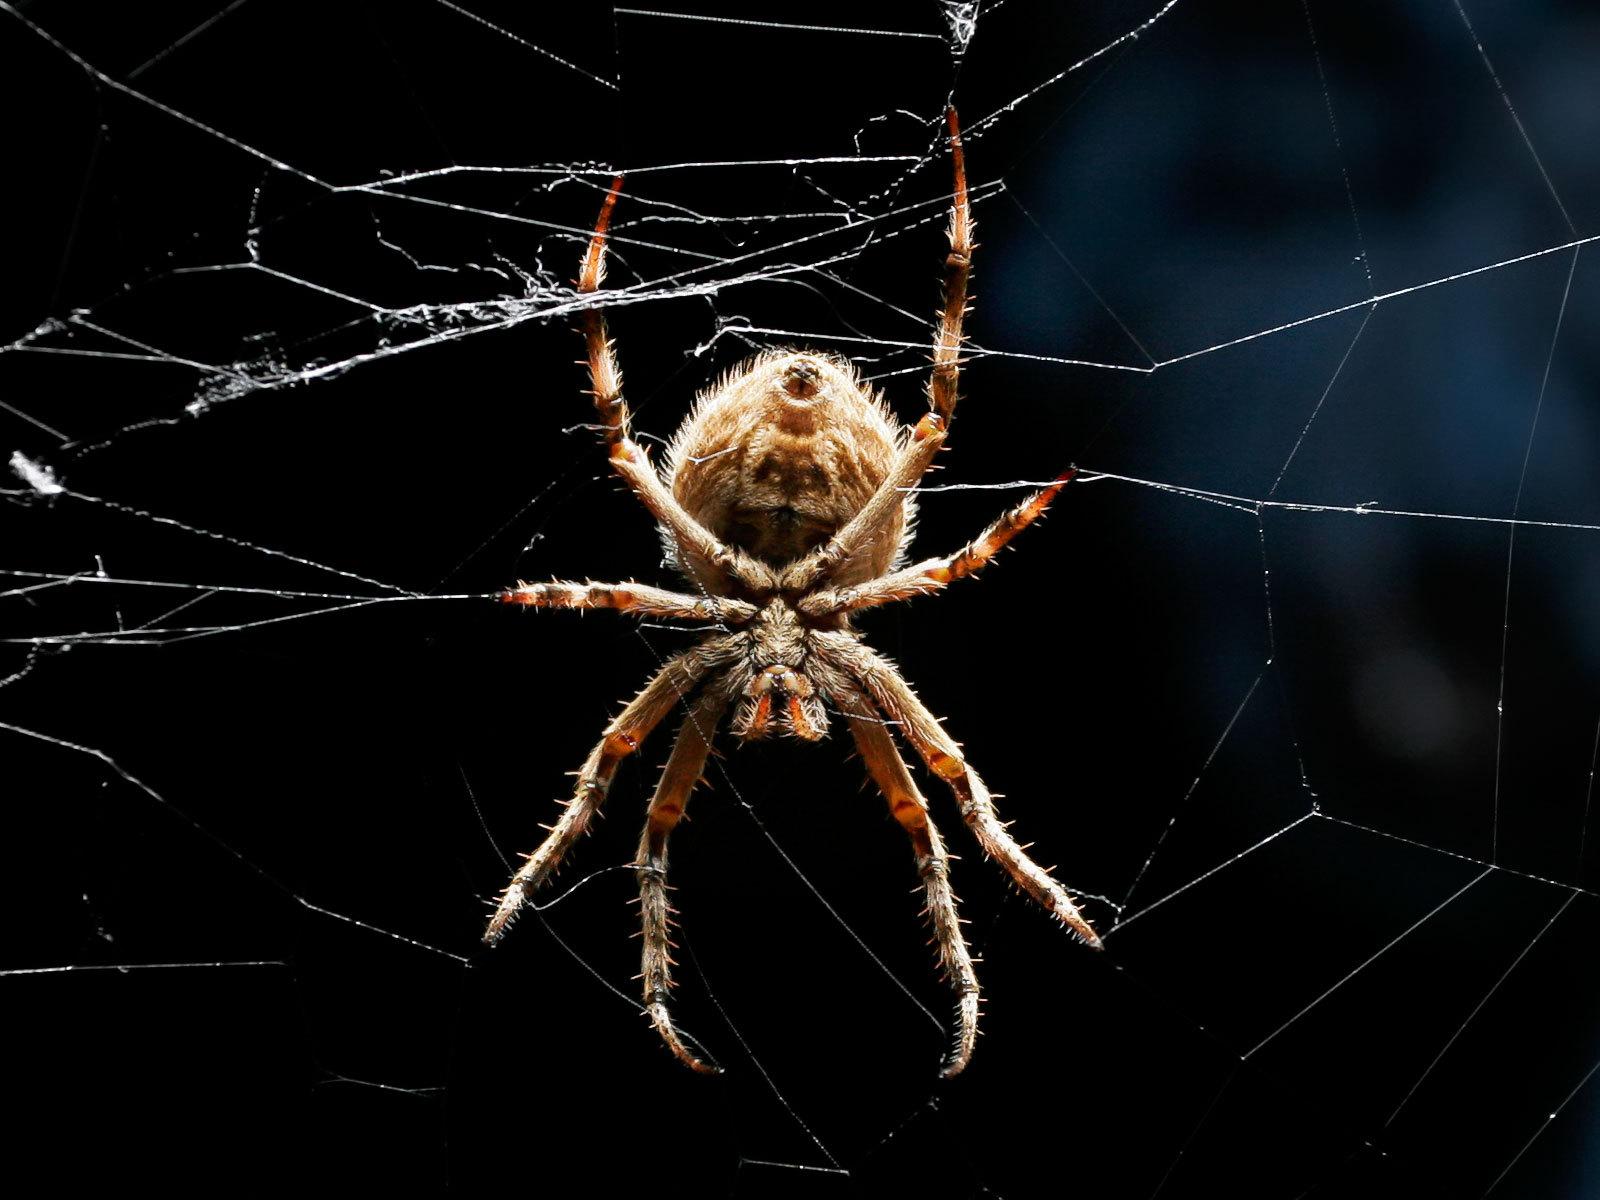 этого параметра приметы паук на теле ходит самом деле